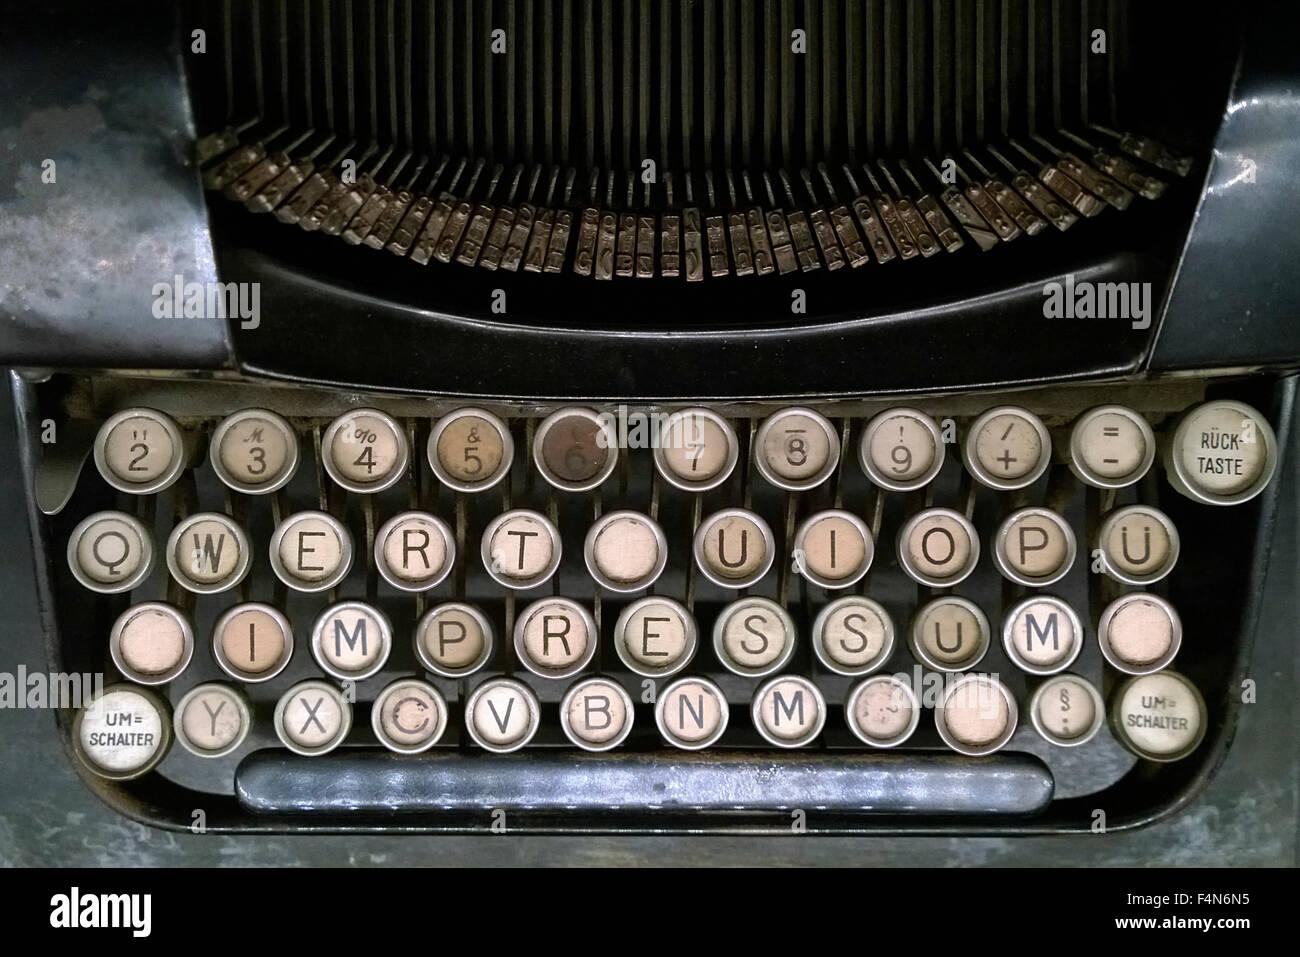 Impressum on old typewriter - Stock Image